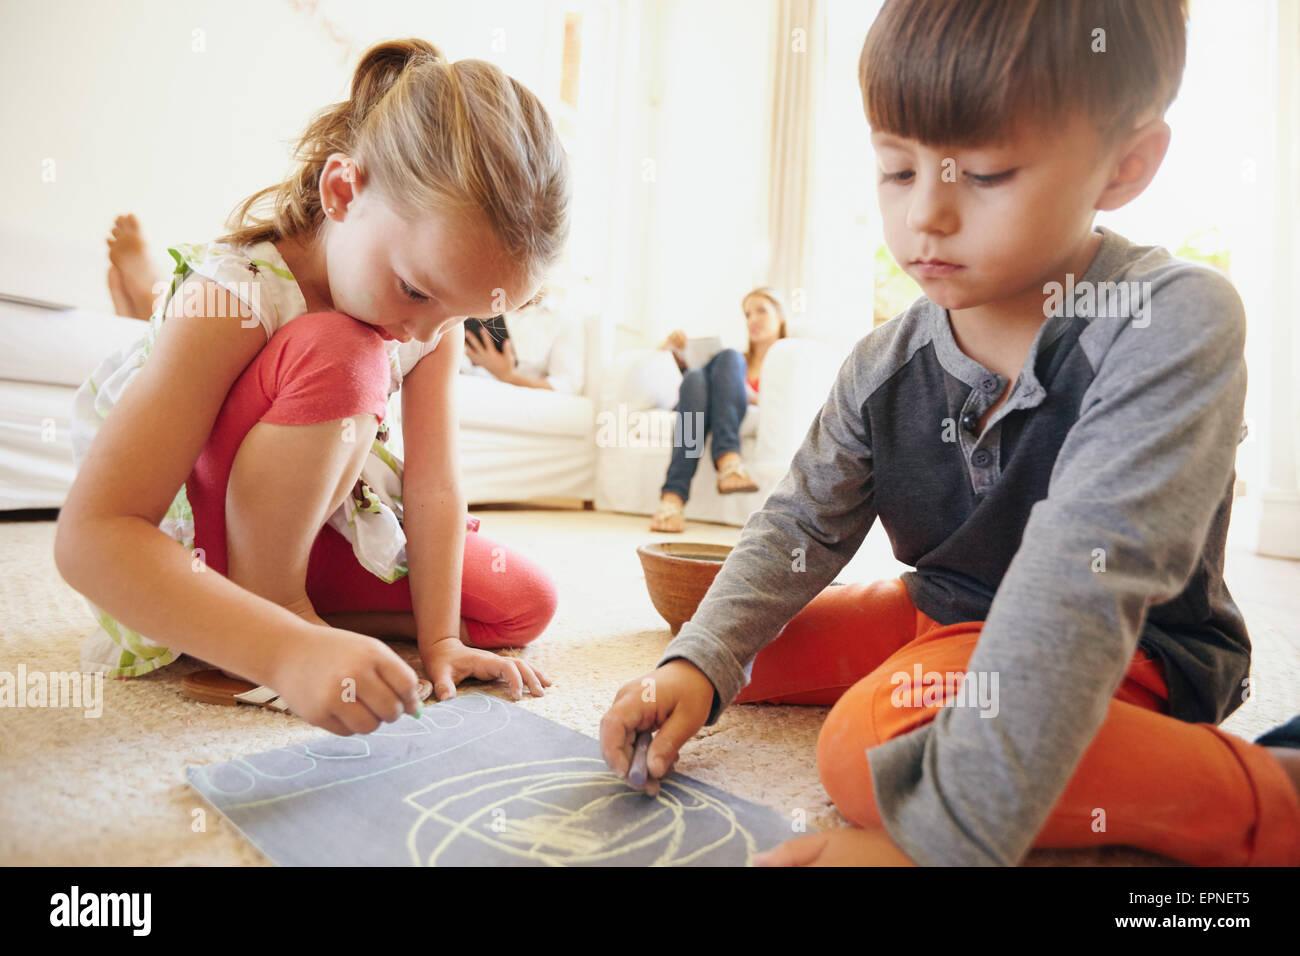 Poco hermanos una imagen de dibujo con tiza de colores. Cute niños sentados en el piso con los padres en segundo Imagen De Stock